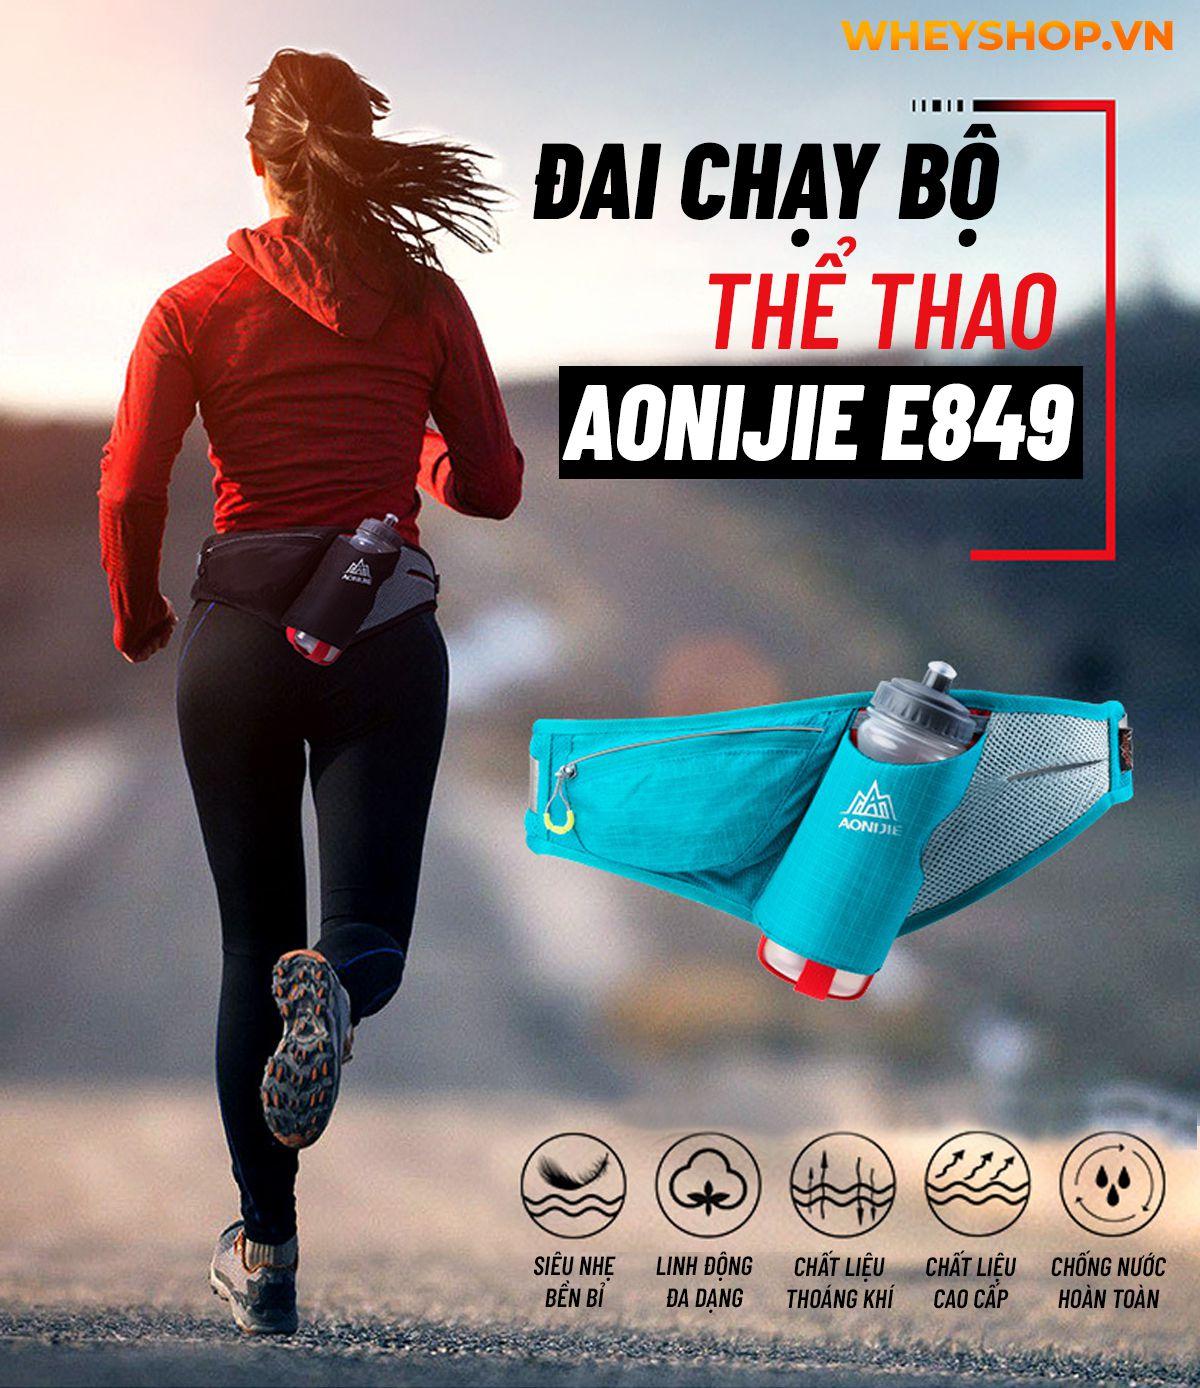 Đai chạy bộ thể thao Aonijie E849 là mẫu đai chạy bộ hỗ trợ đựng đồ và bình nước dung tích tới 600ml. Sản phẩm nhập khẩu chính hãng, giá rẻ tốt nhất Hà Nội...